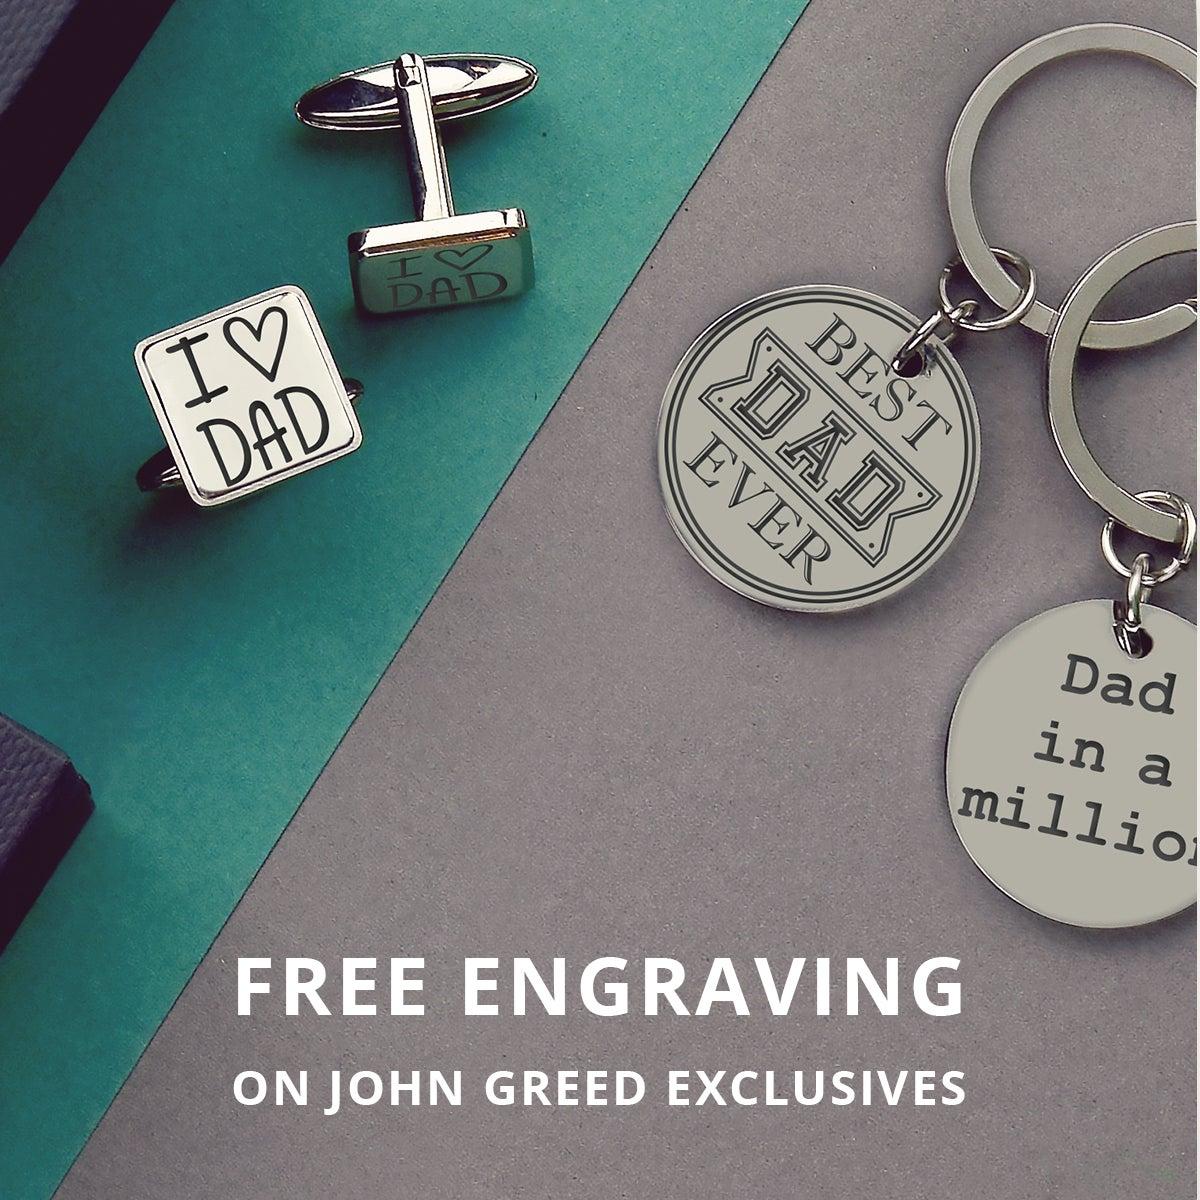 Free Engraving JG Exclusives